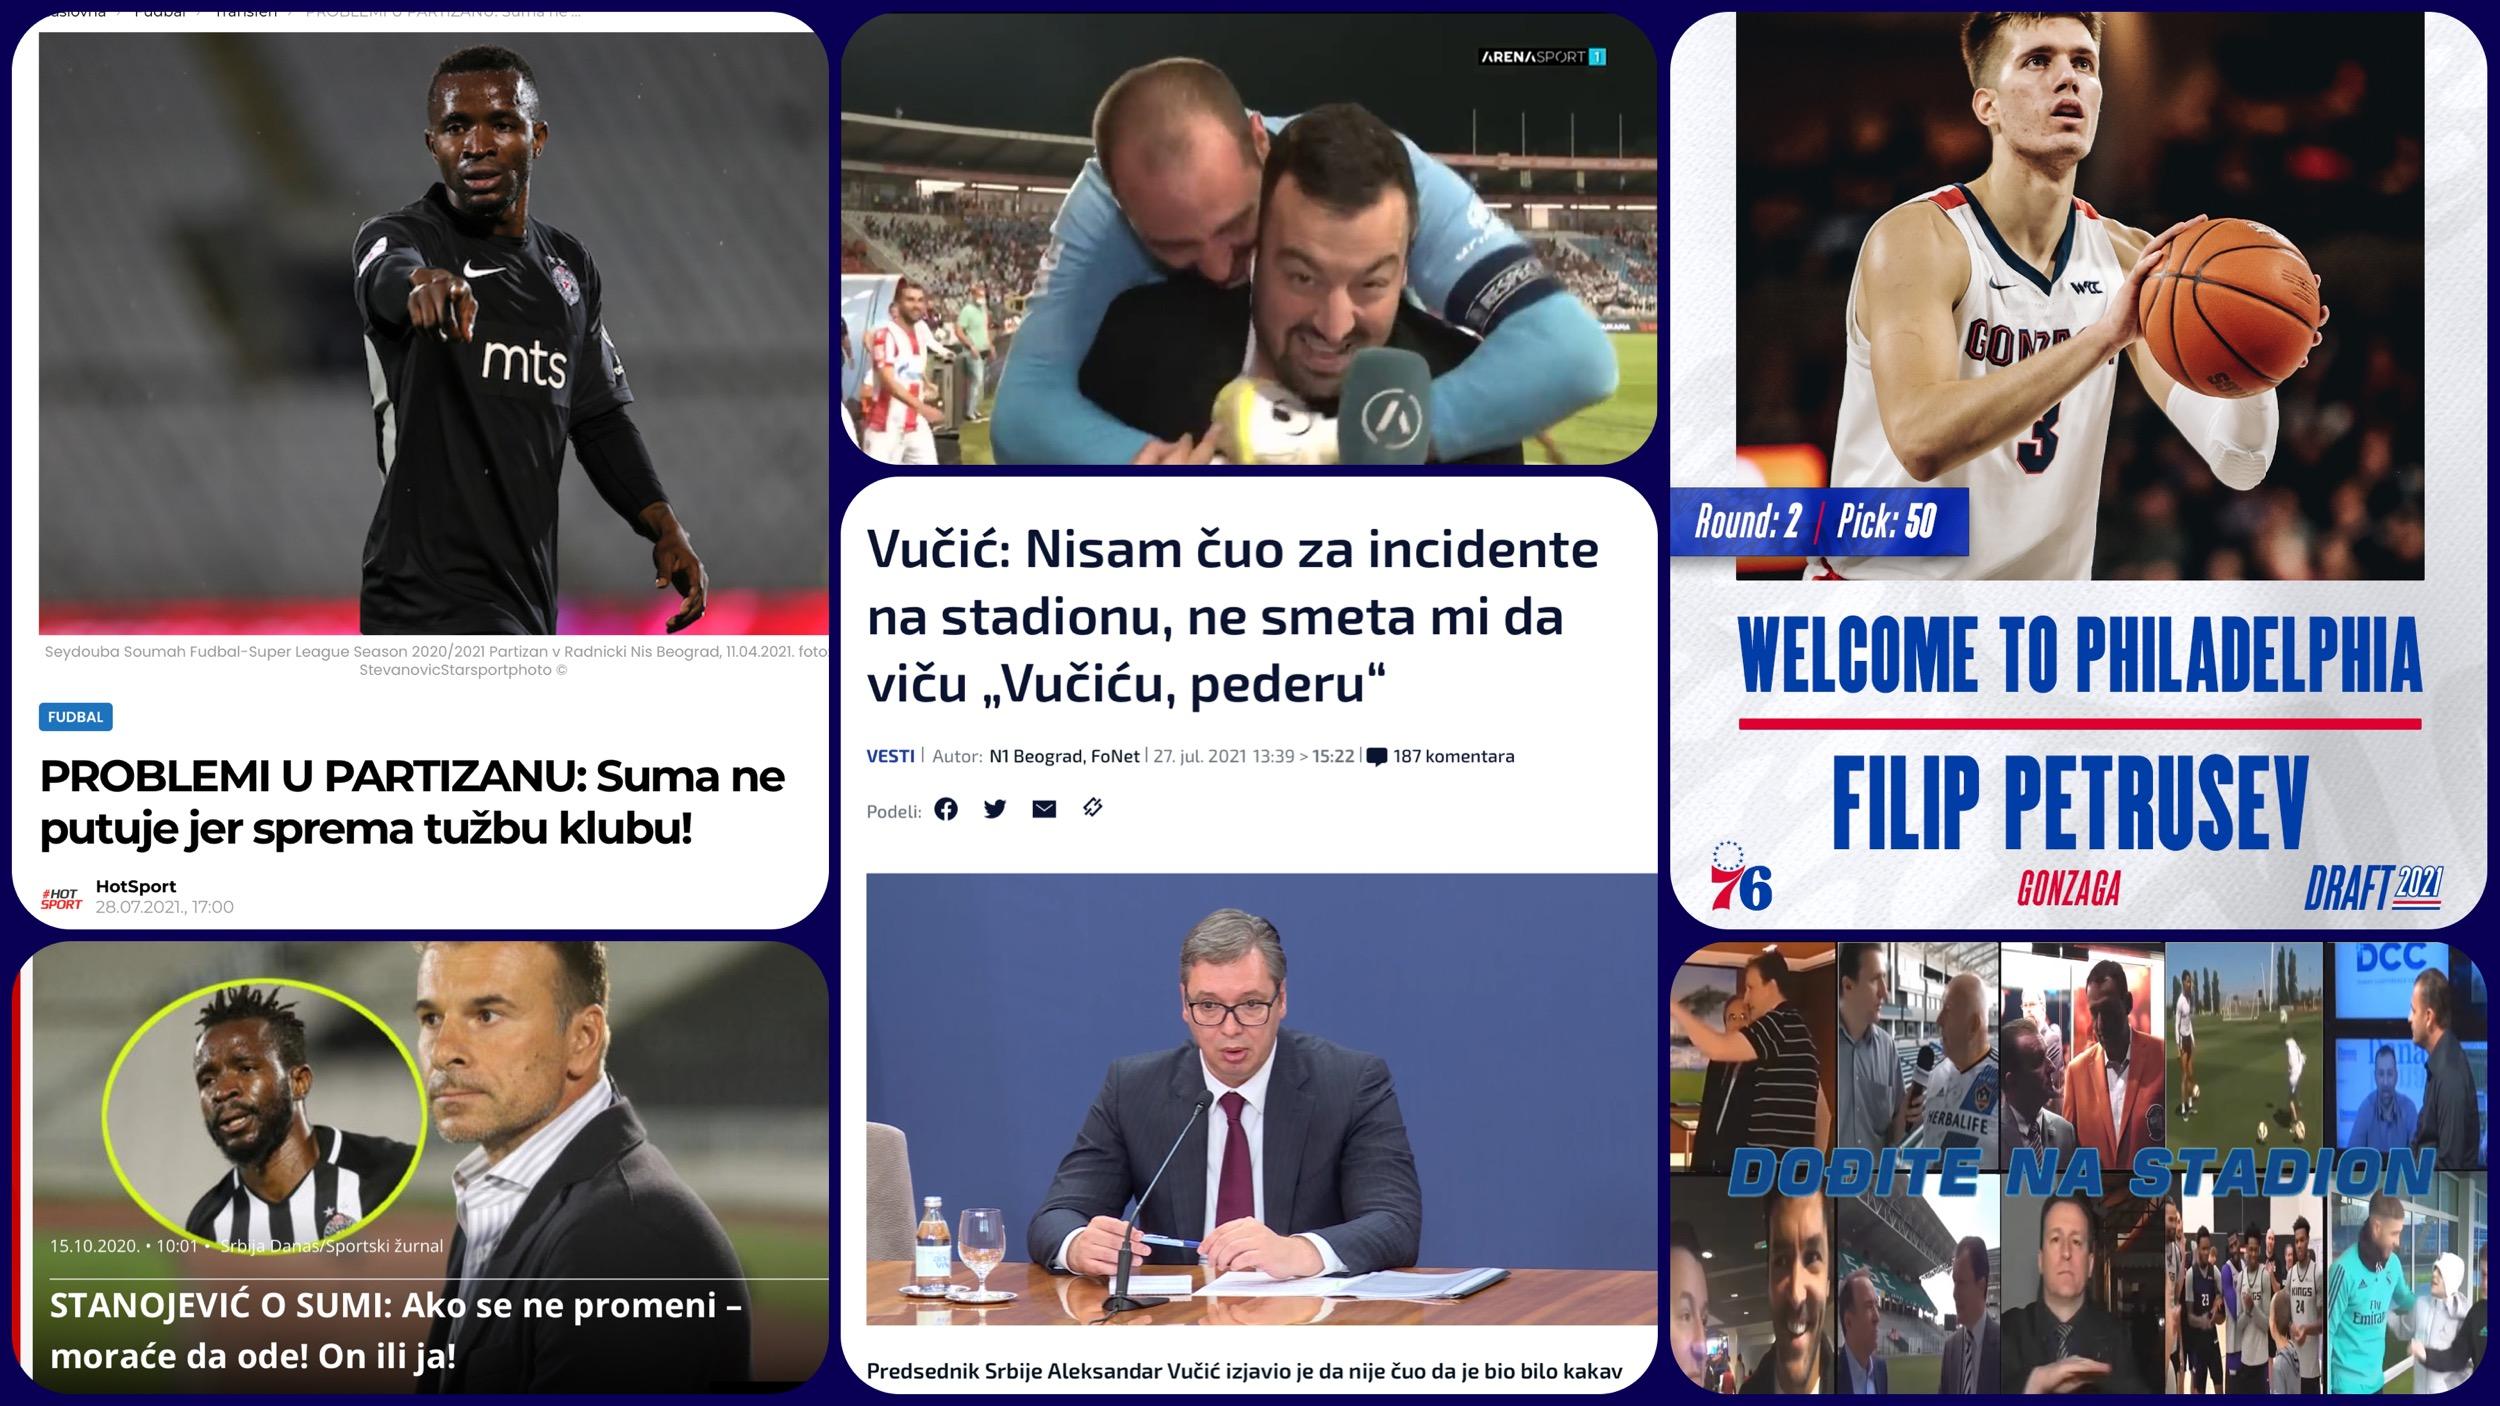 Željko Pantić: Dođite na stadion 445. Jahanje uživo, neobavešteni Vučić i Sumino bekstvo iz Šošenka (VIDEO)